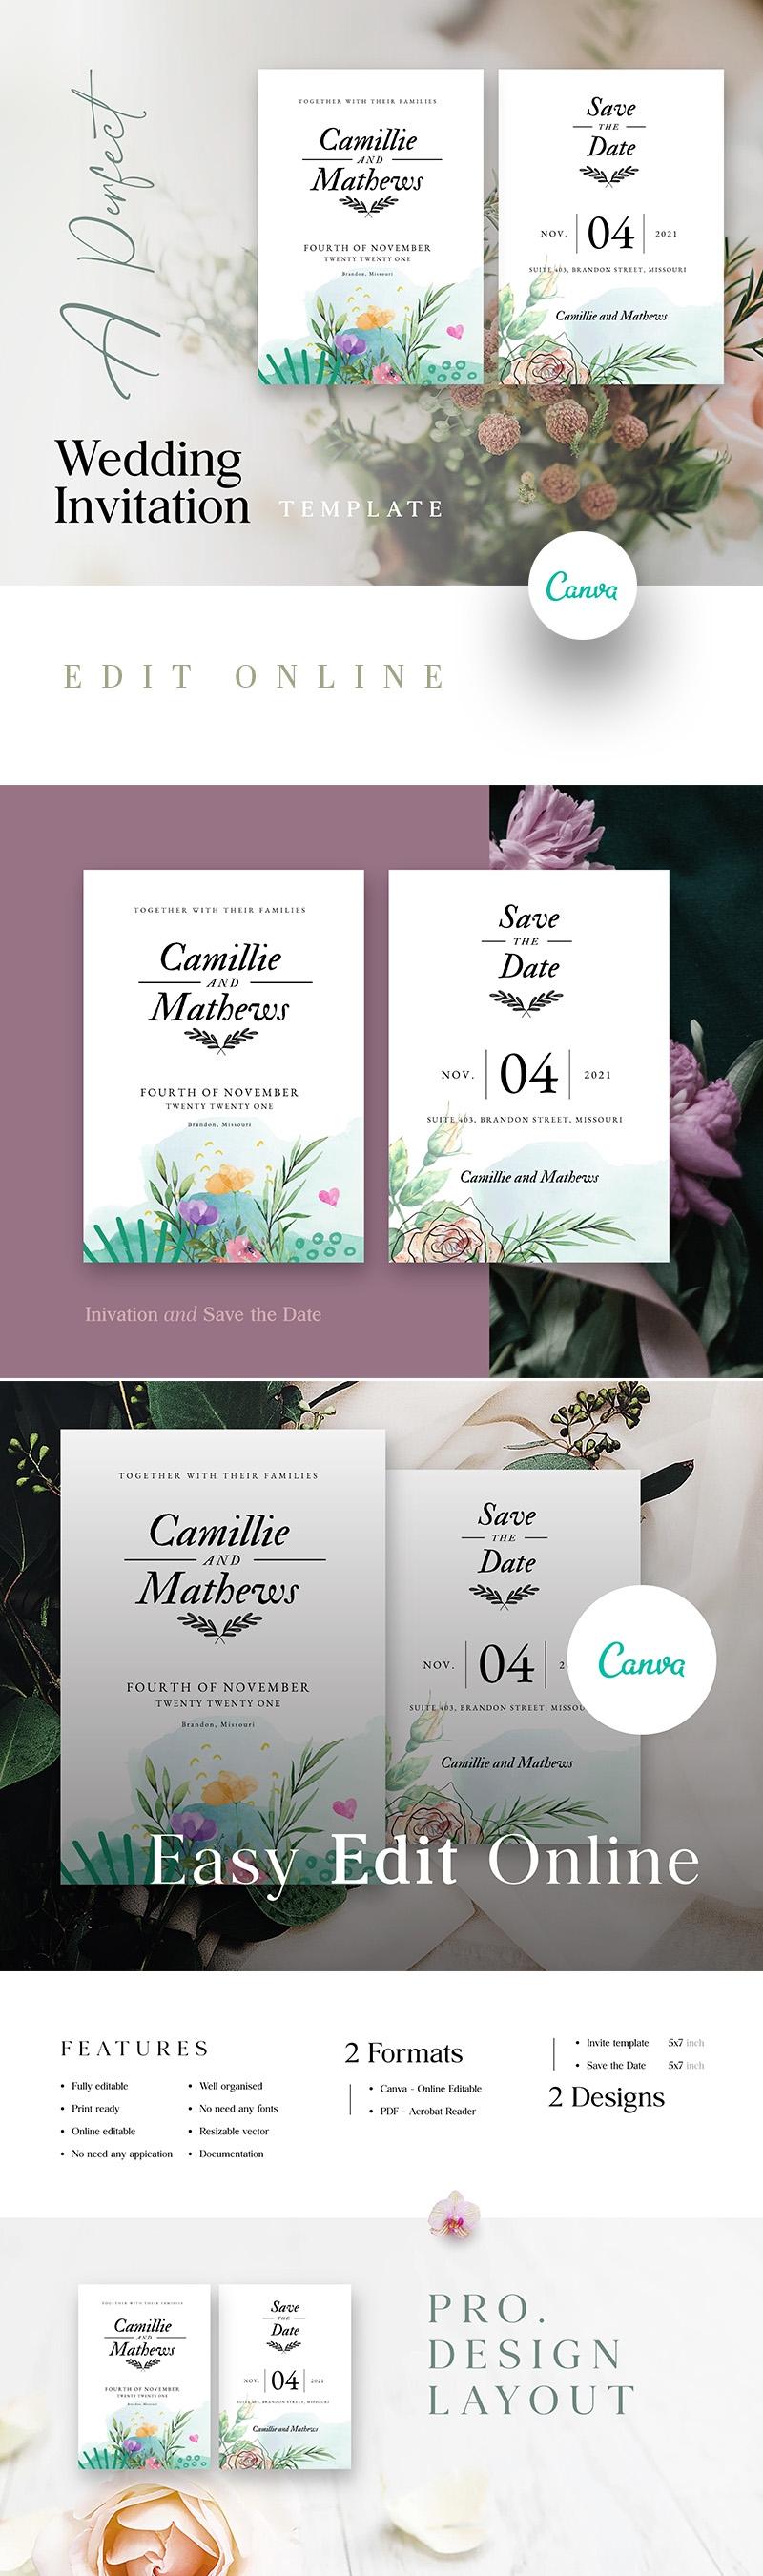 Editable Minimalist Wedding Invite